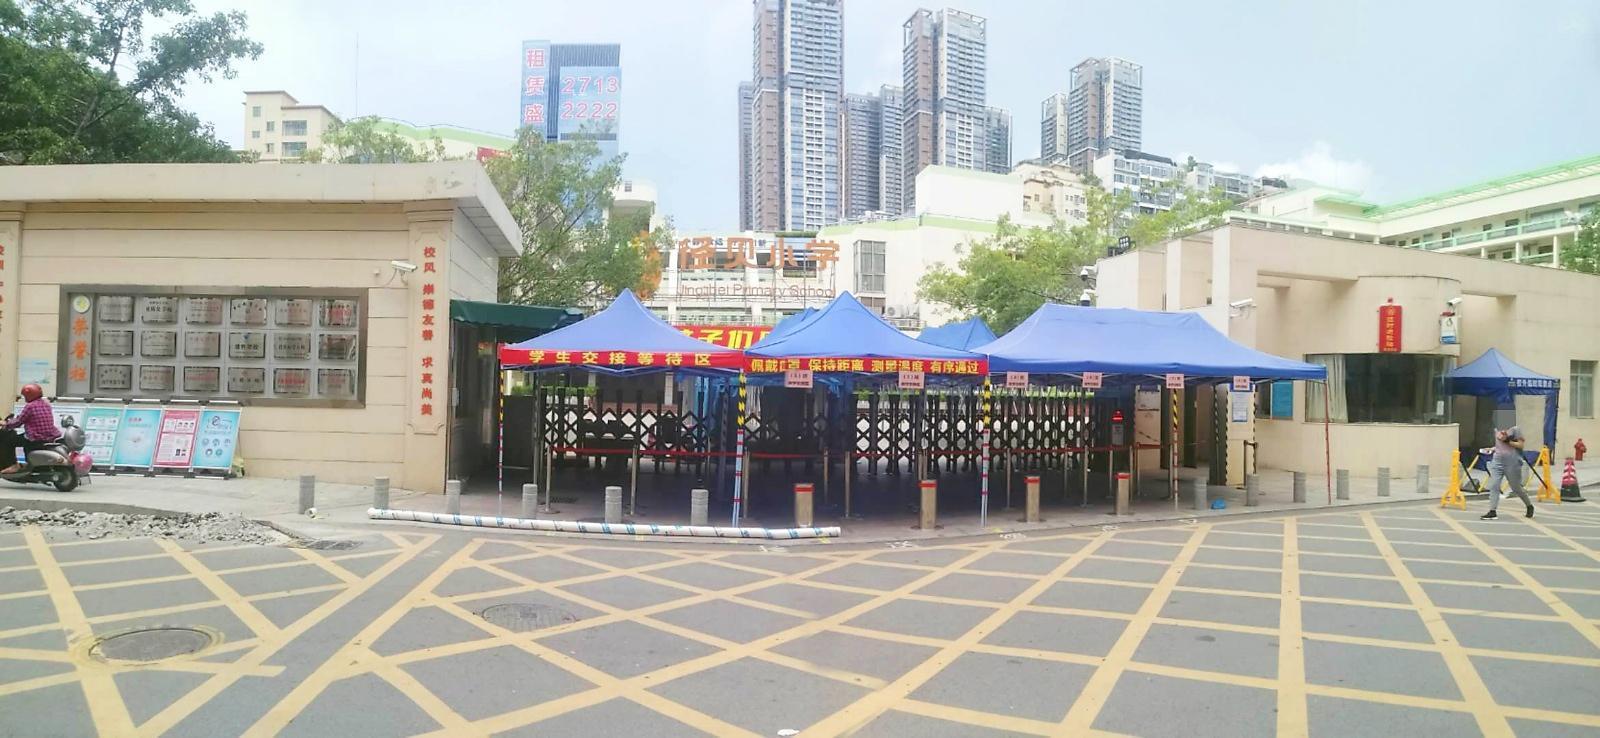 深圳市宝安区西乡街道径贝小学1